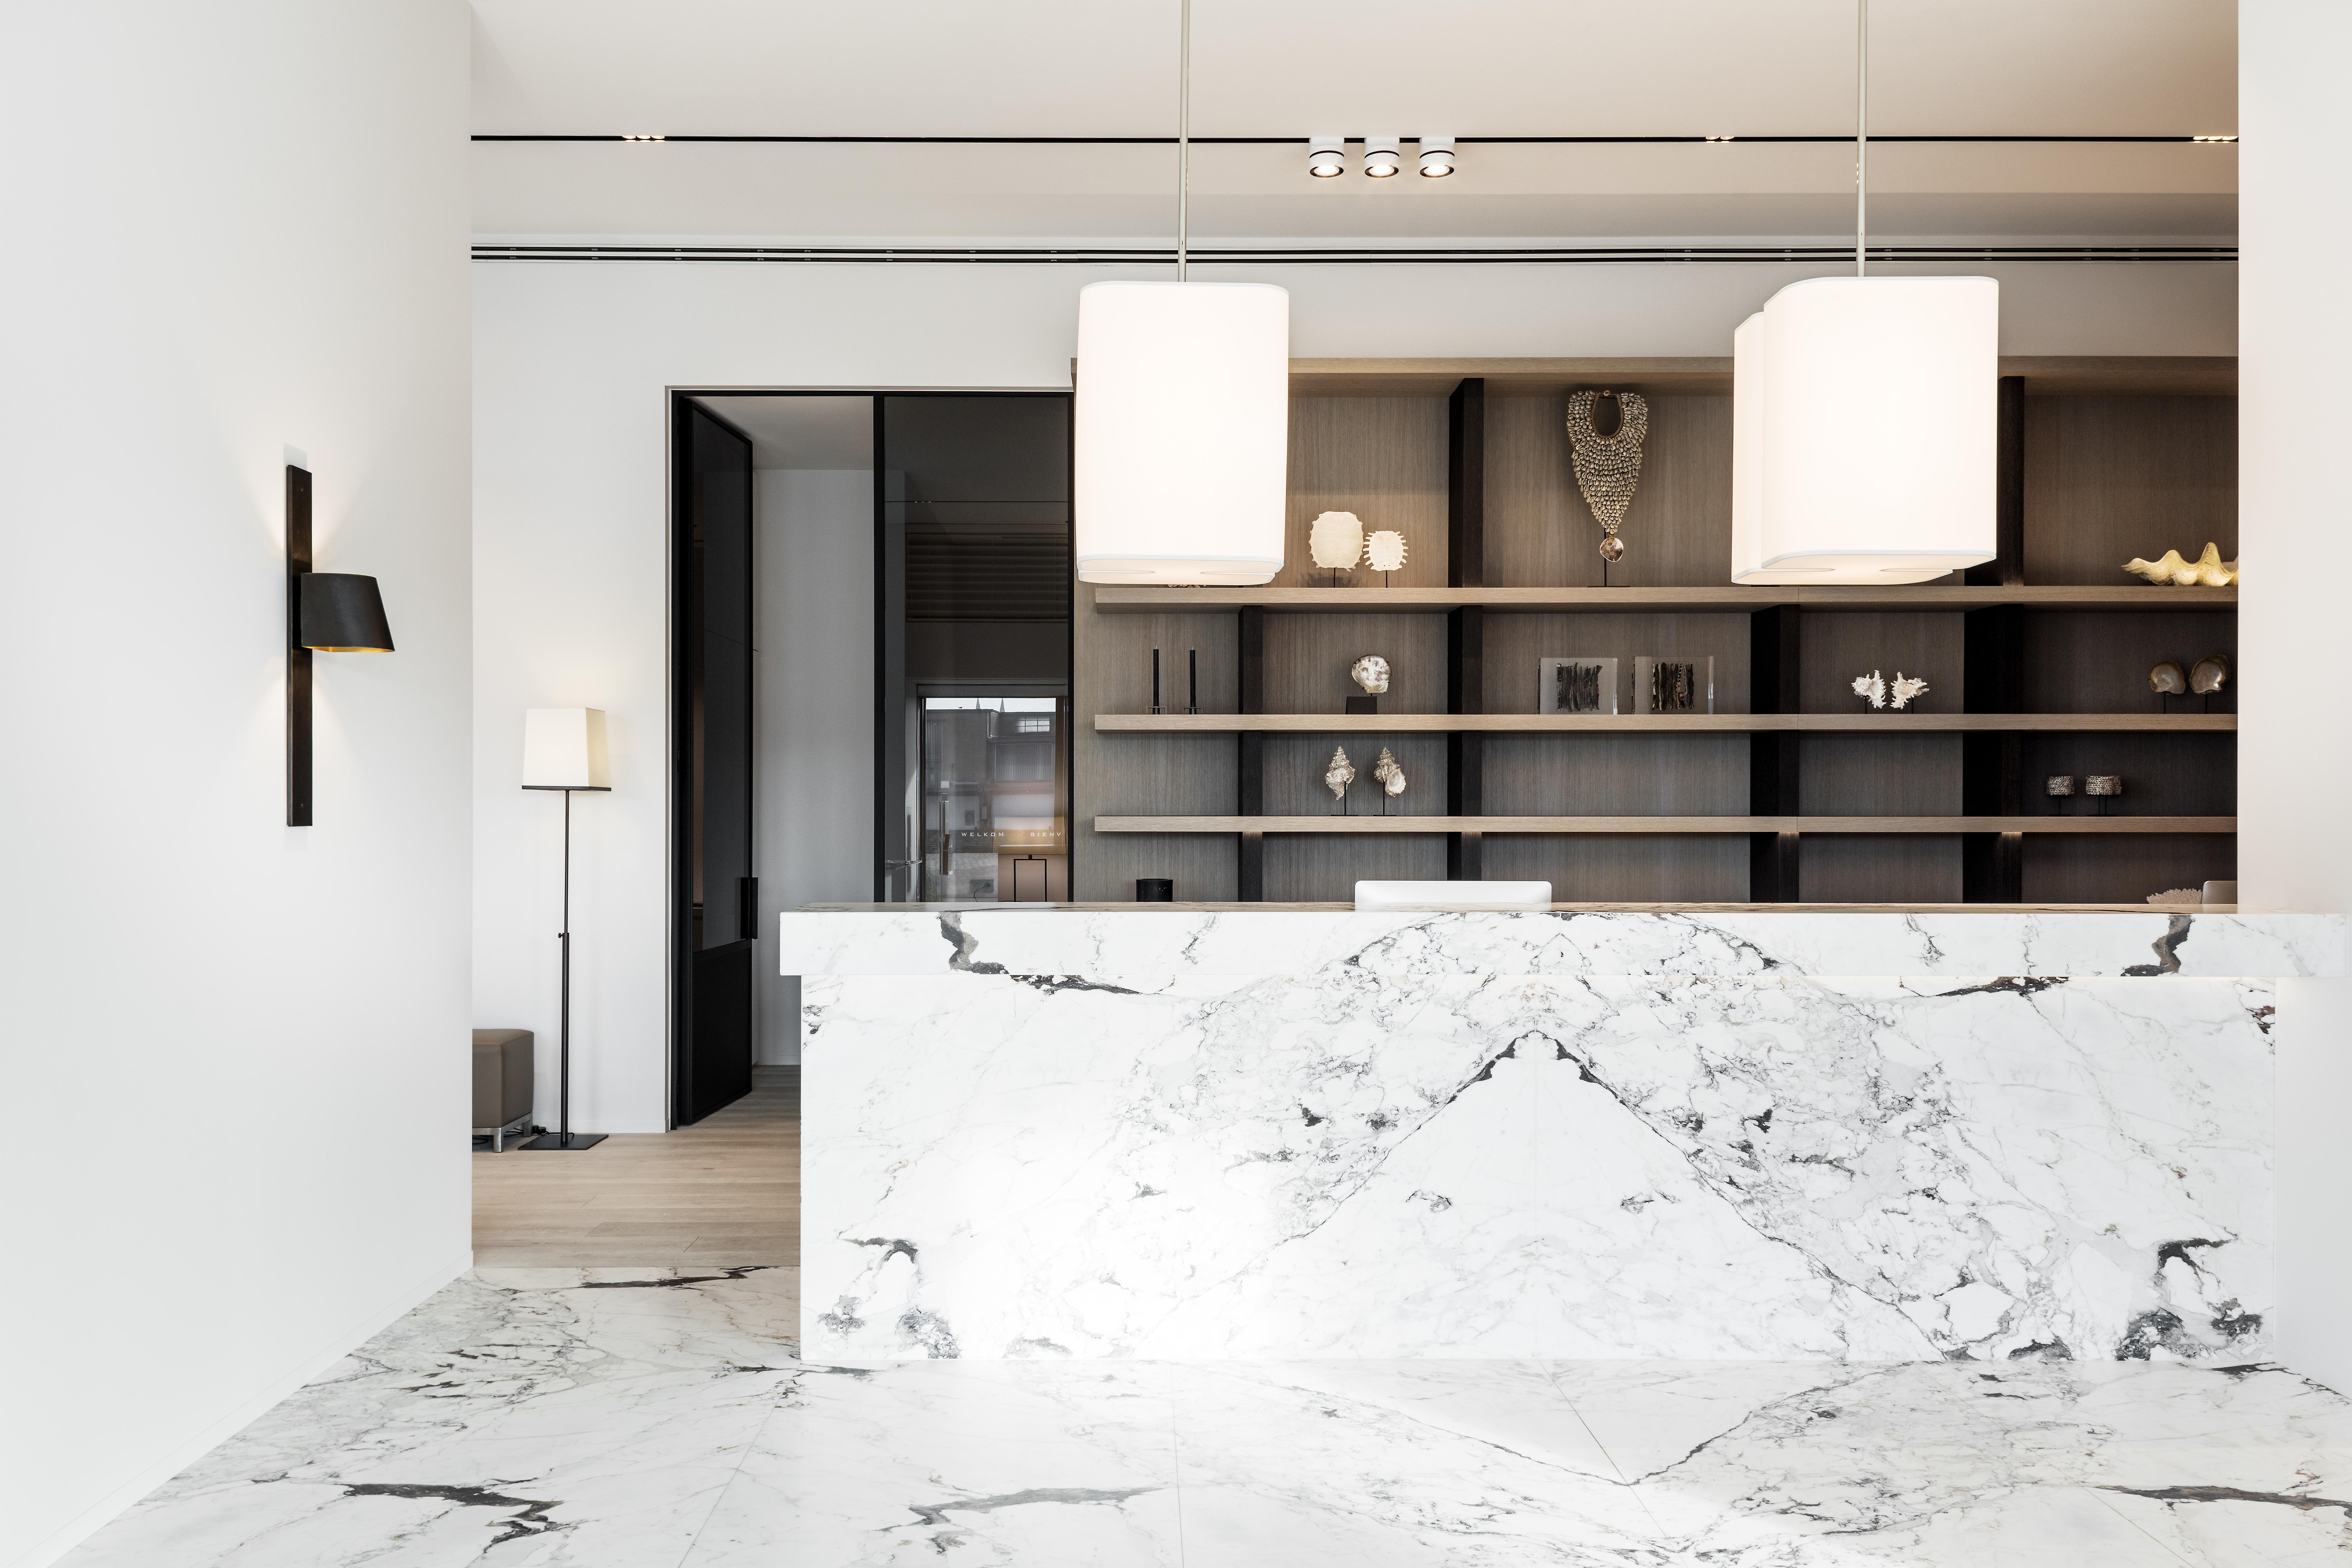 Appartement aan zee versluys bouwgroep bouwt luxe for Interieur appartement aan zee